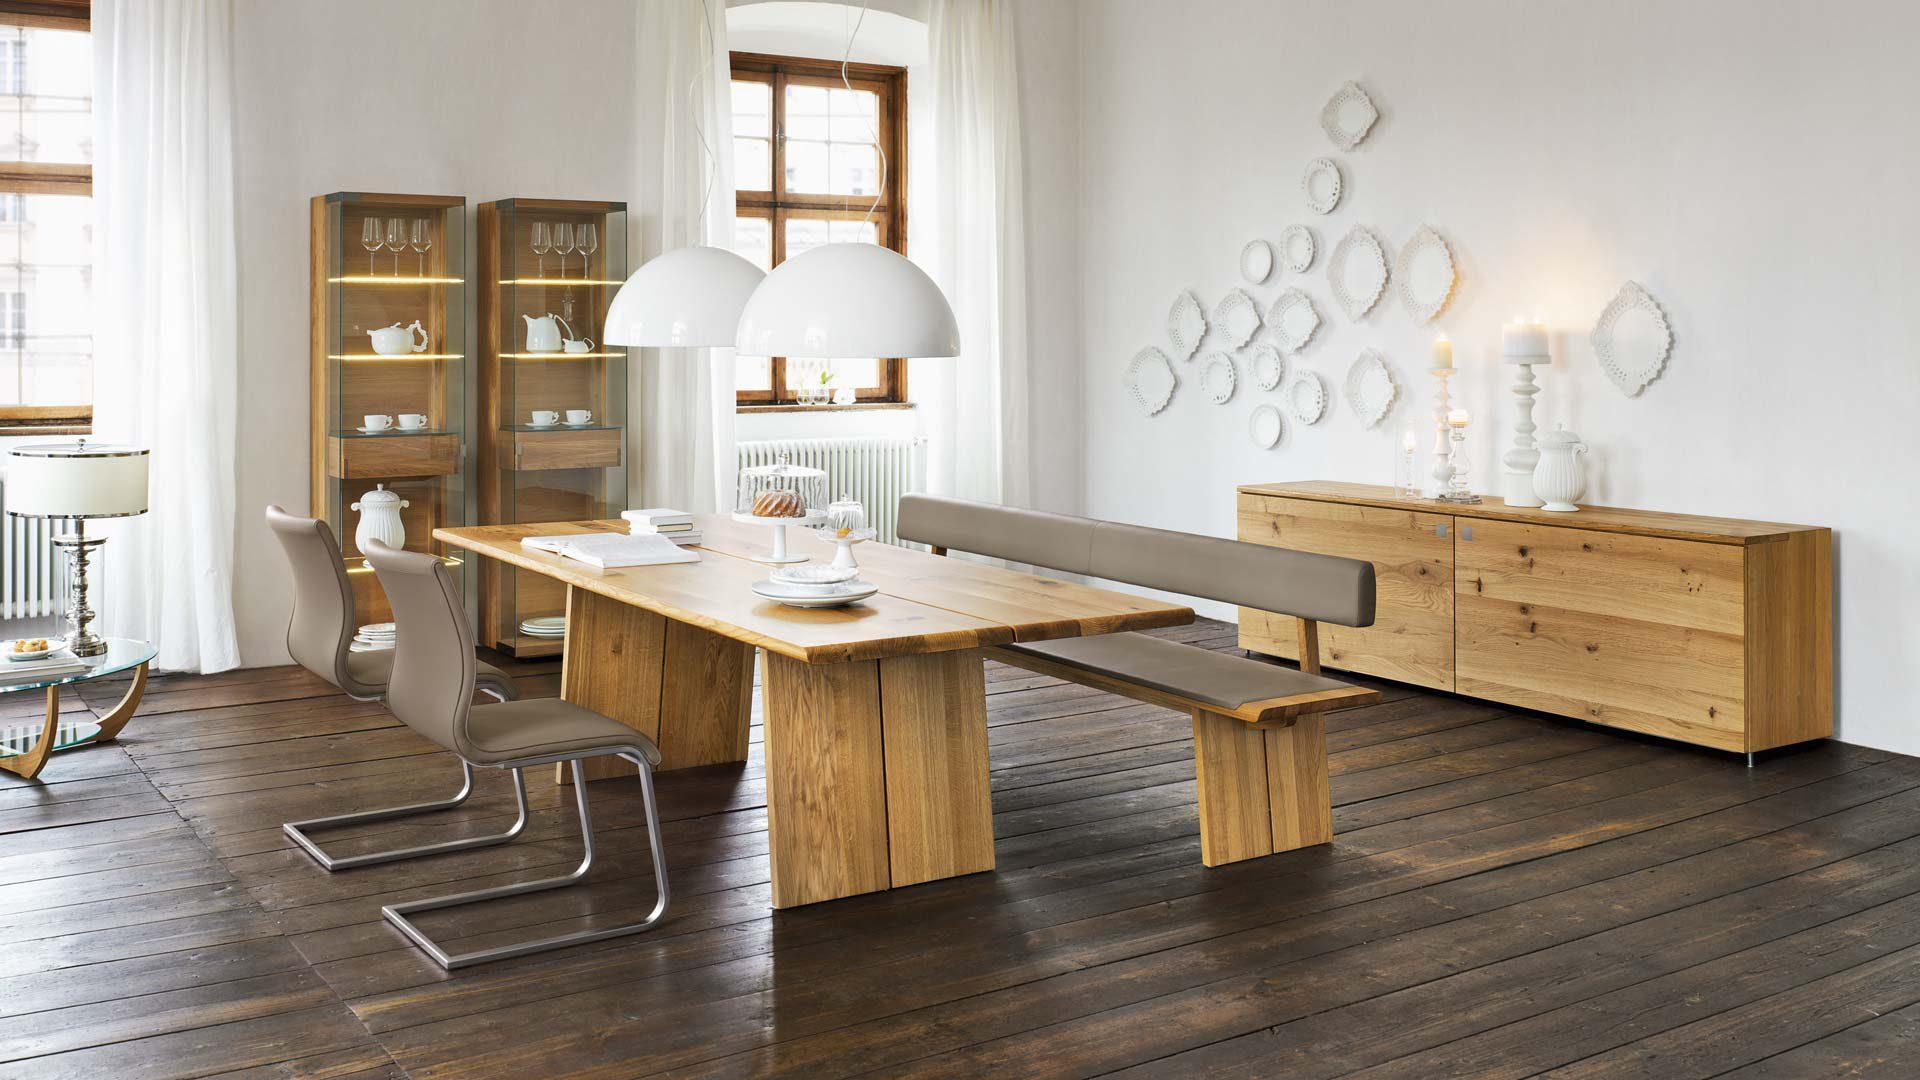 neues von team 7 tisch und vitrinen nox bei tendenza eingetroffen. Black Bedroom Furniture Sets. Home Design Ideas